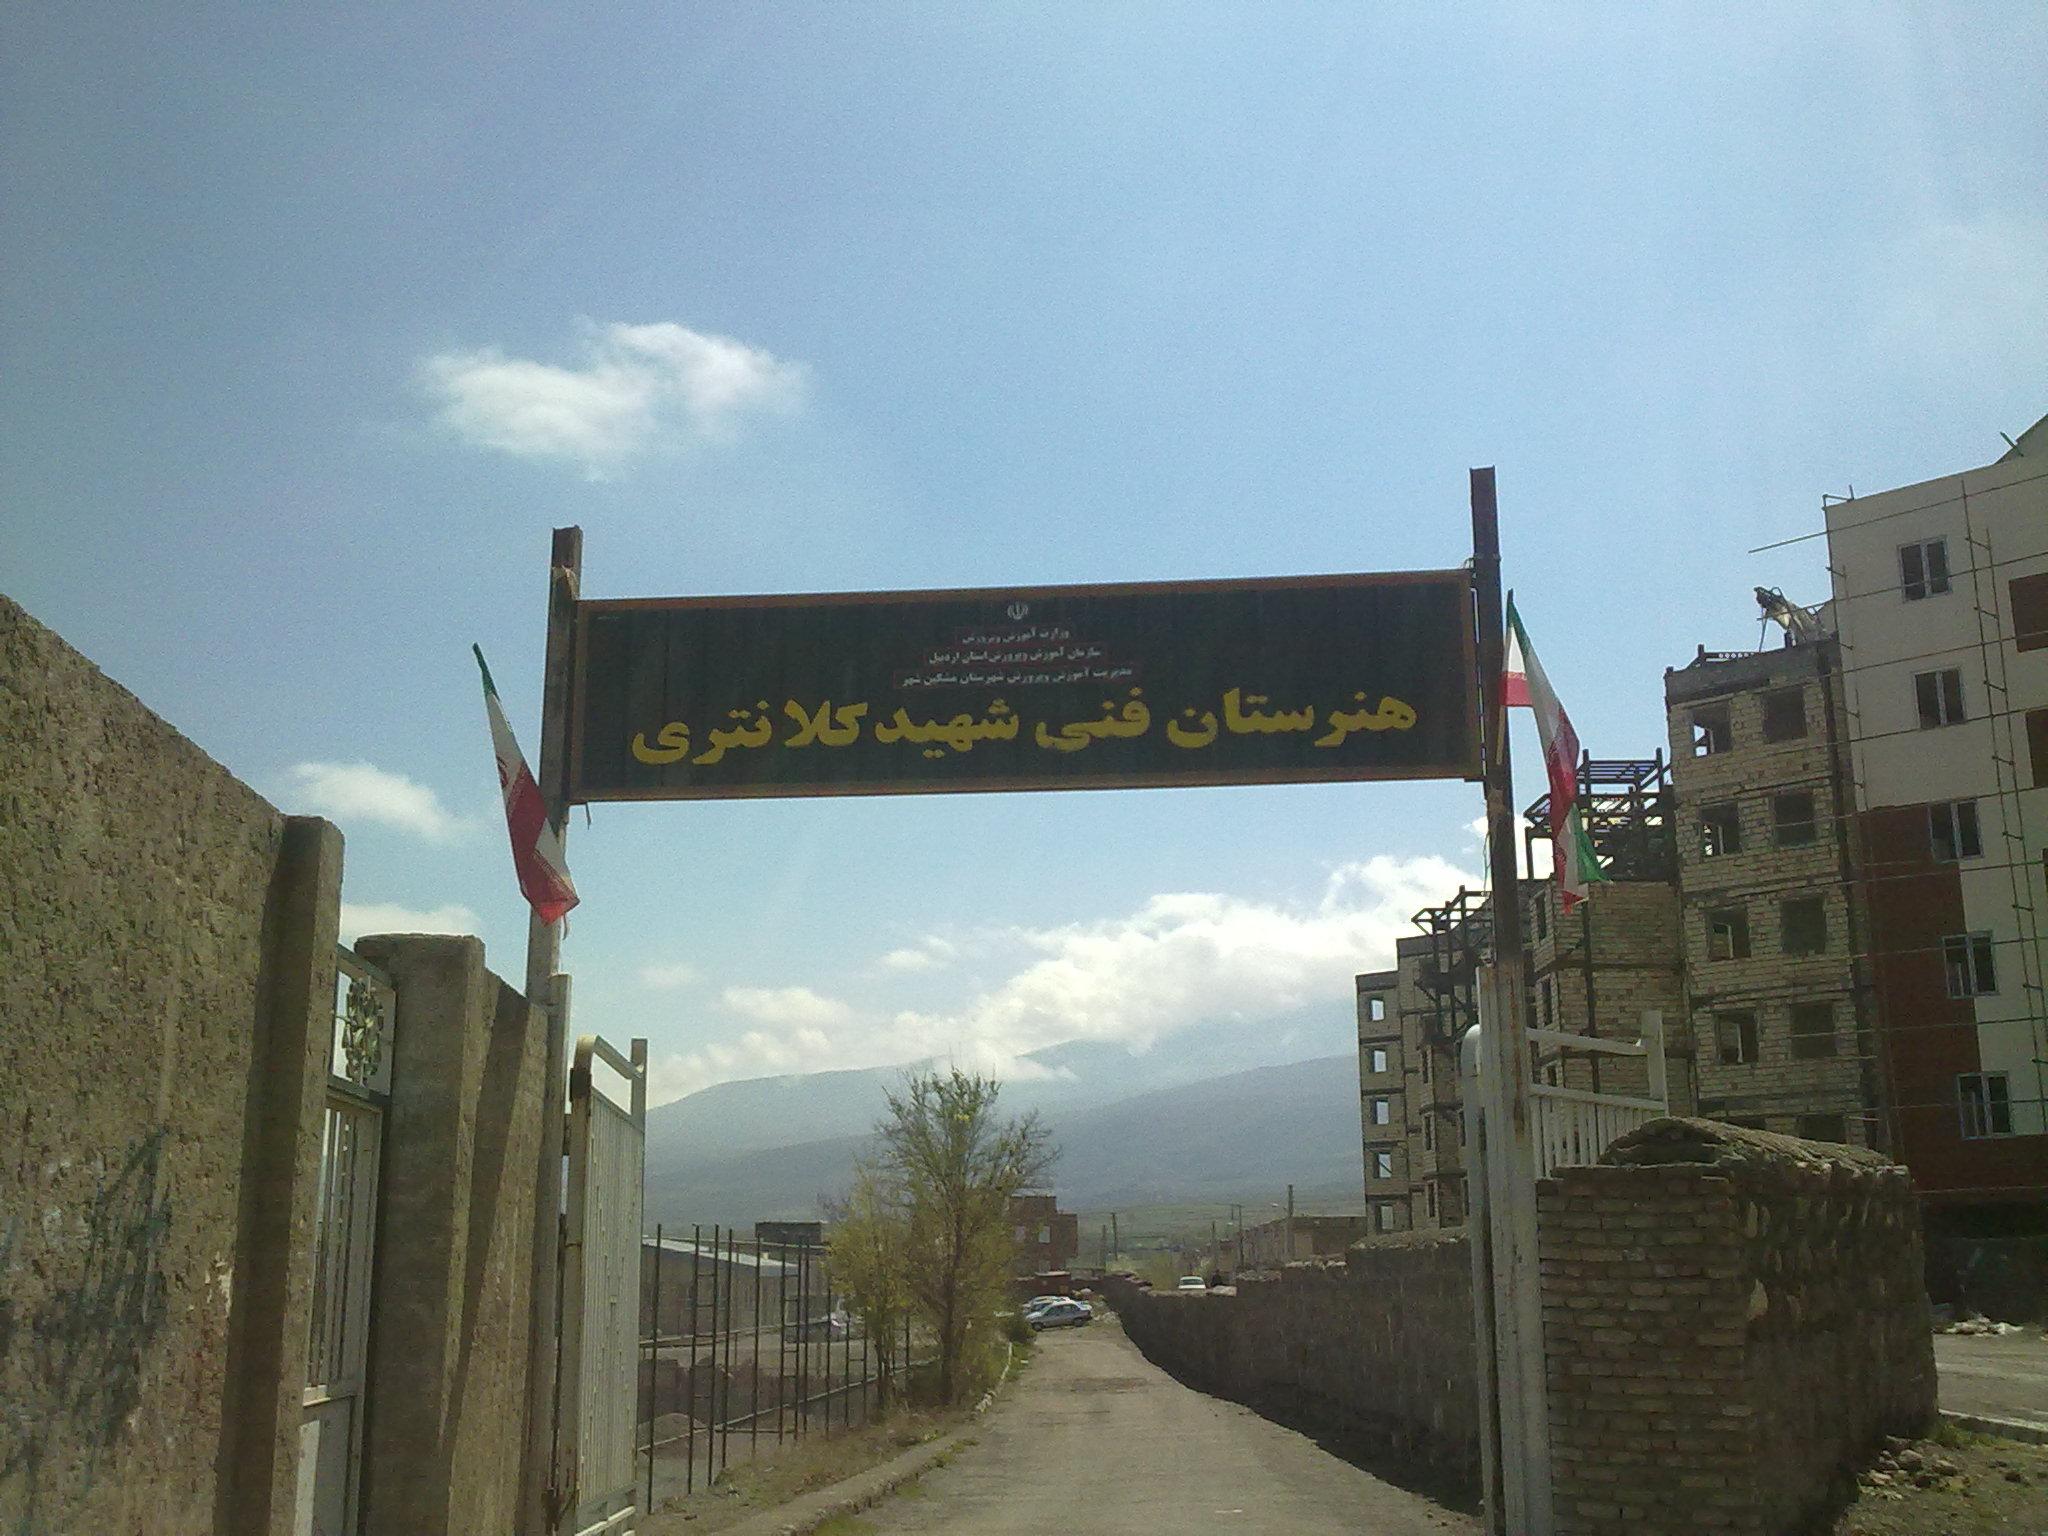 عکس از ورودی هنرستان شهید کلانتری